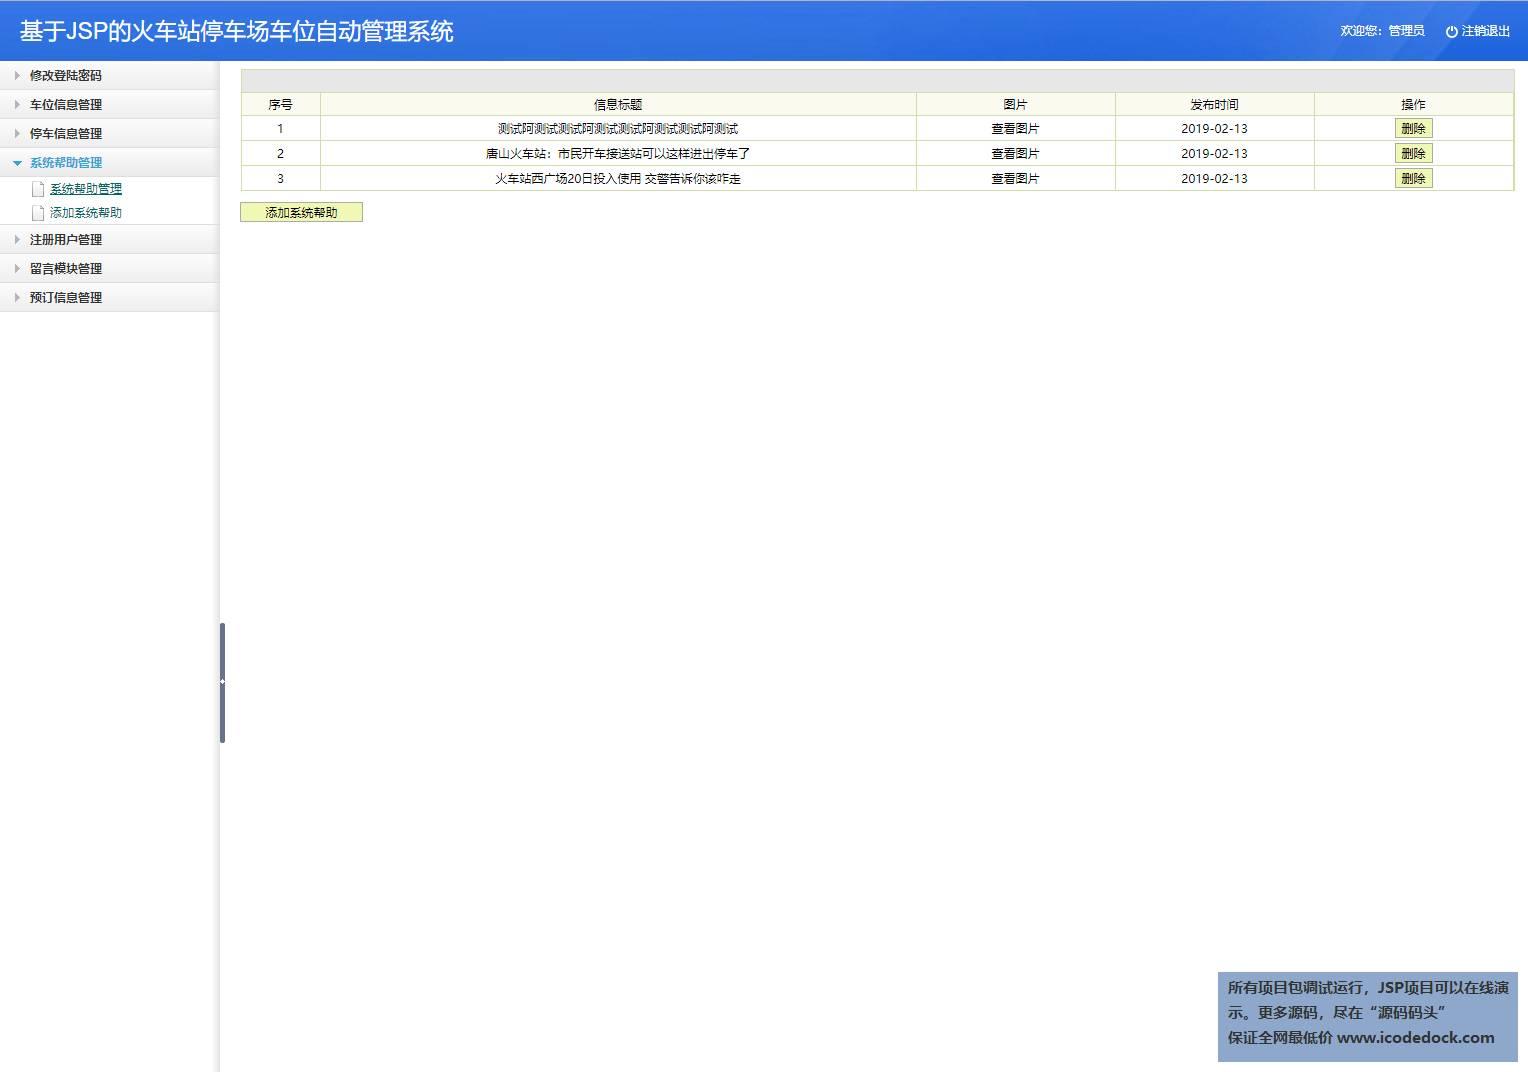 源码码头-JSP停车位预定管理系统-管理员角色-系统帮助管理